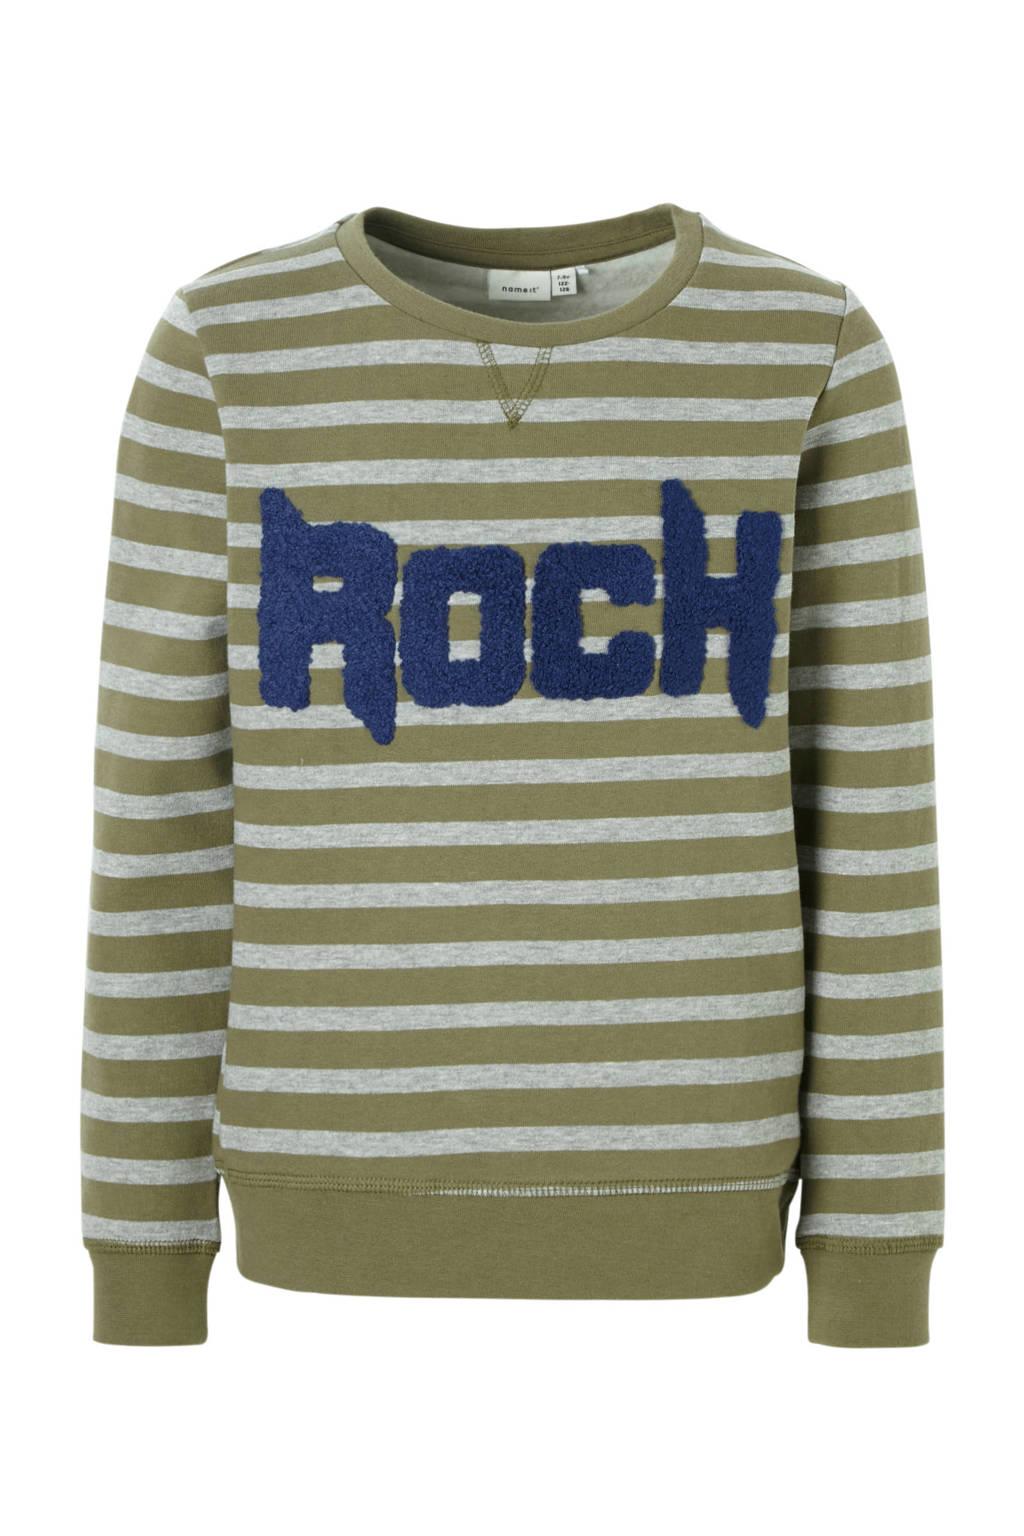 name it KIDS gestreepte sweater Molar groen/grijs, Olijfgroen/grijs